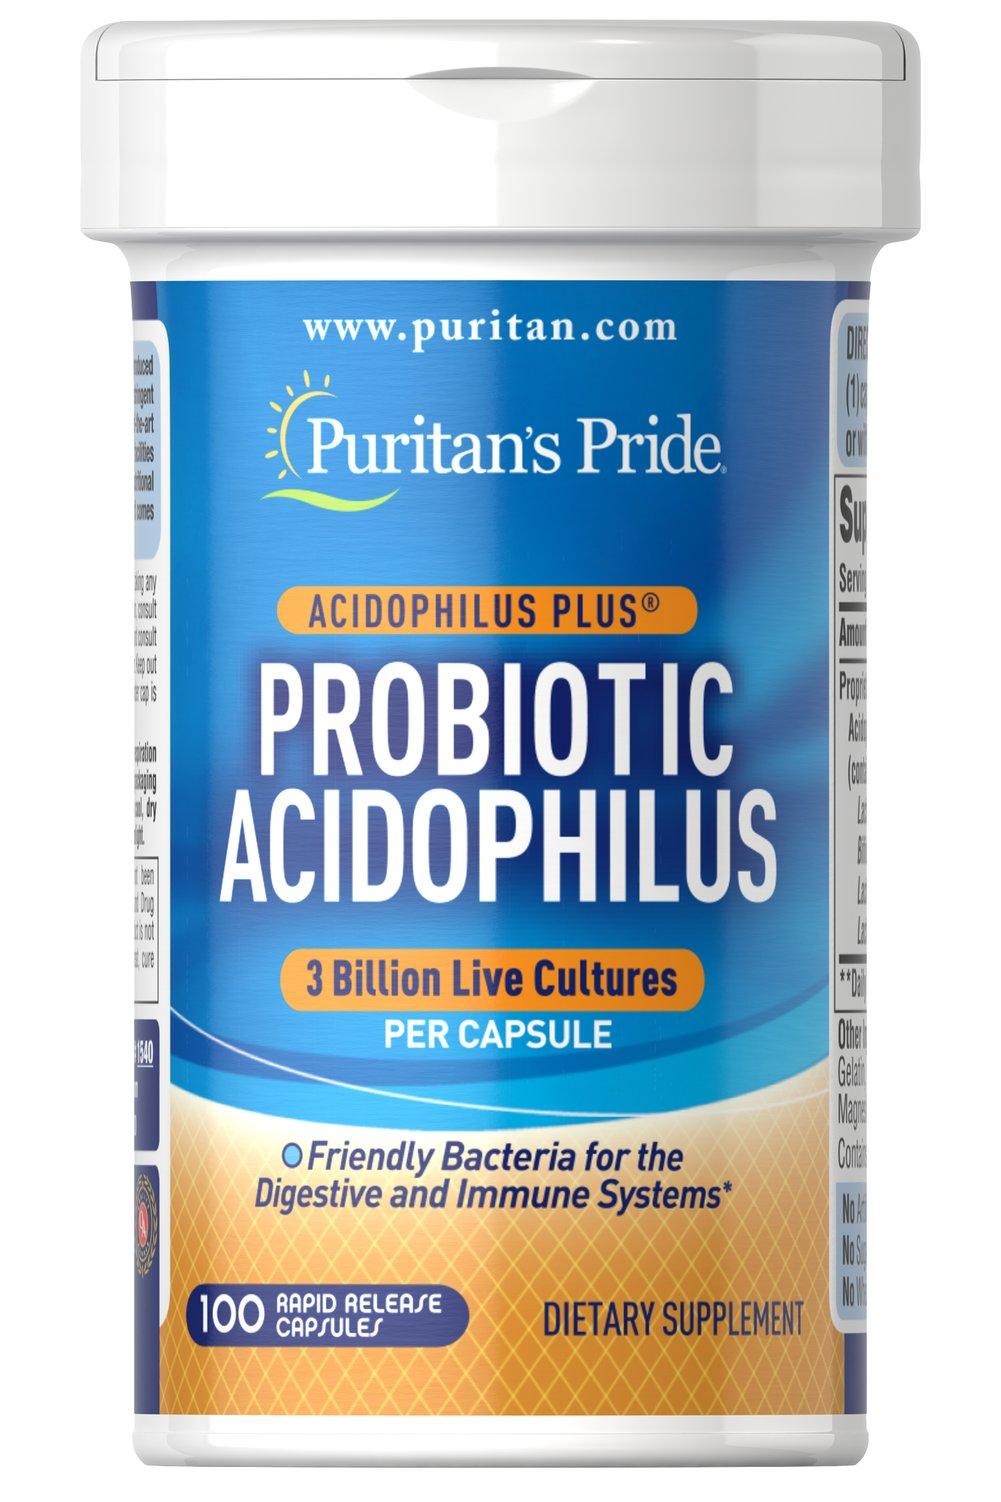 Acidophilus pectin